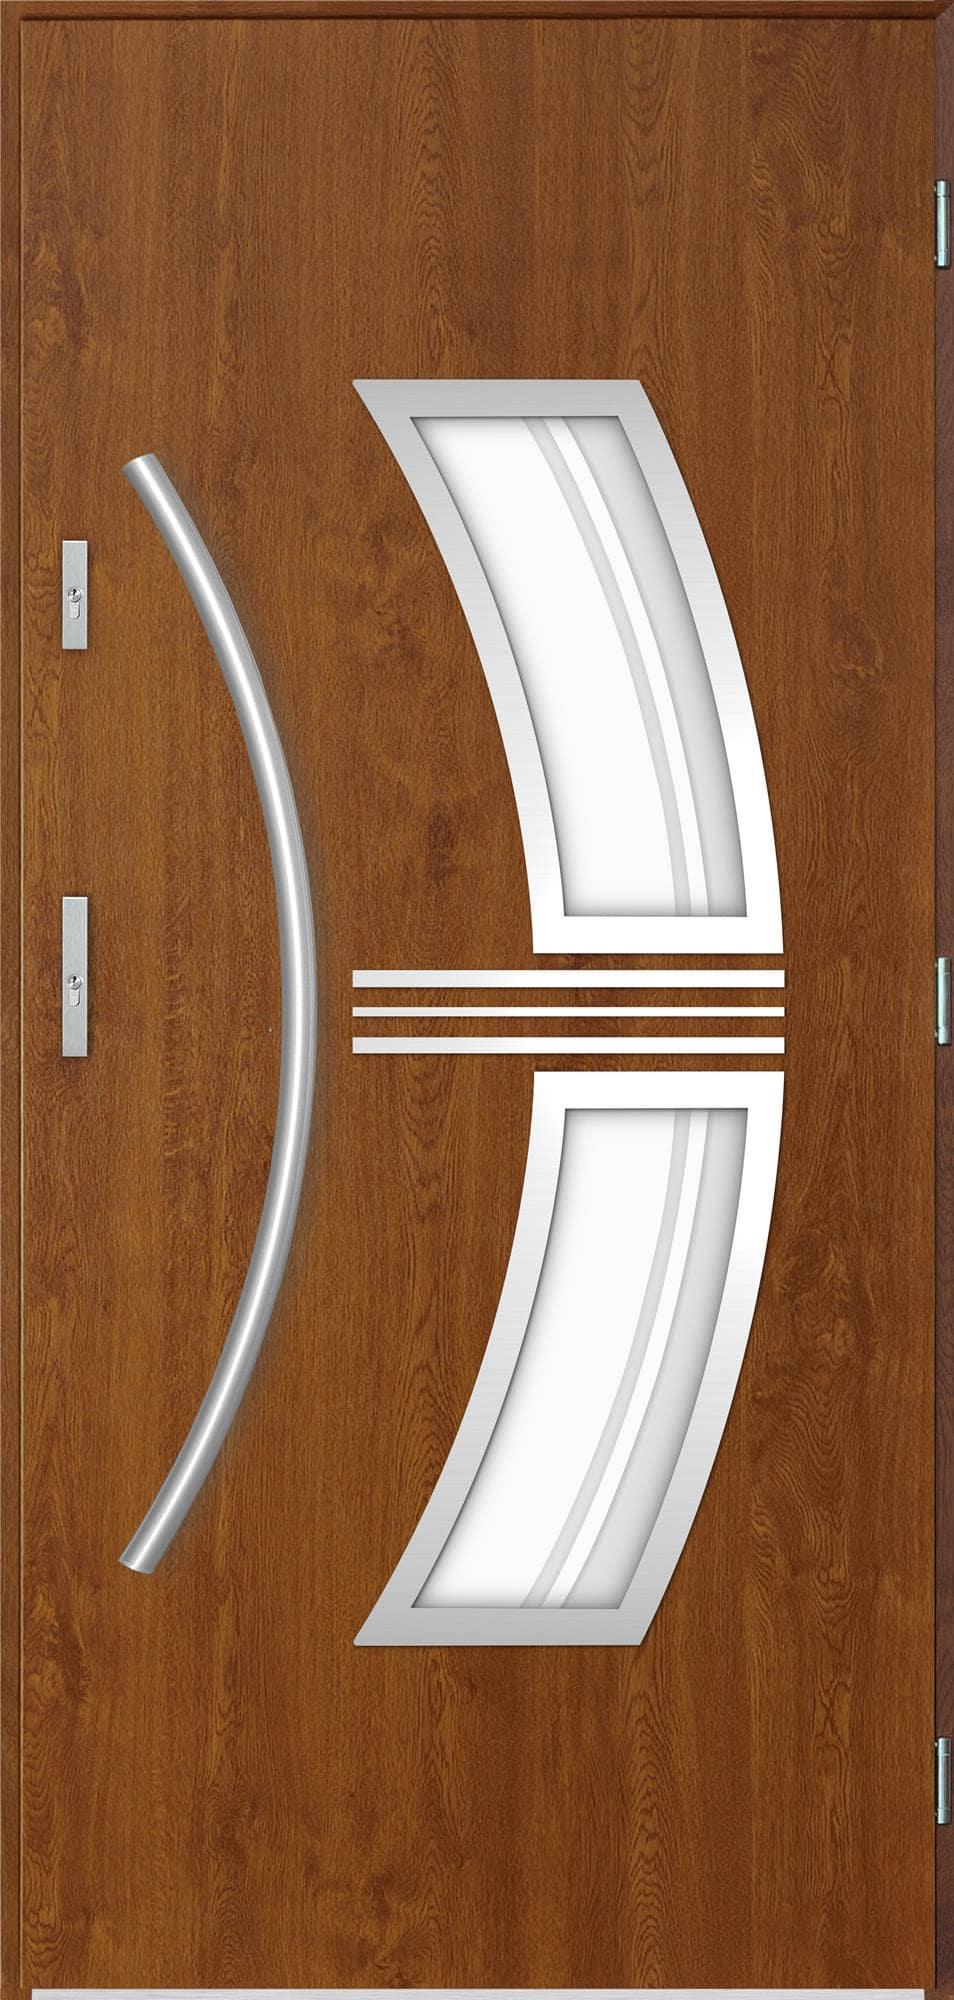 Venkovní vchodové dveøe Stella, dub zlatý